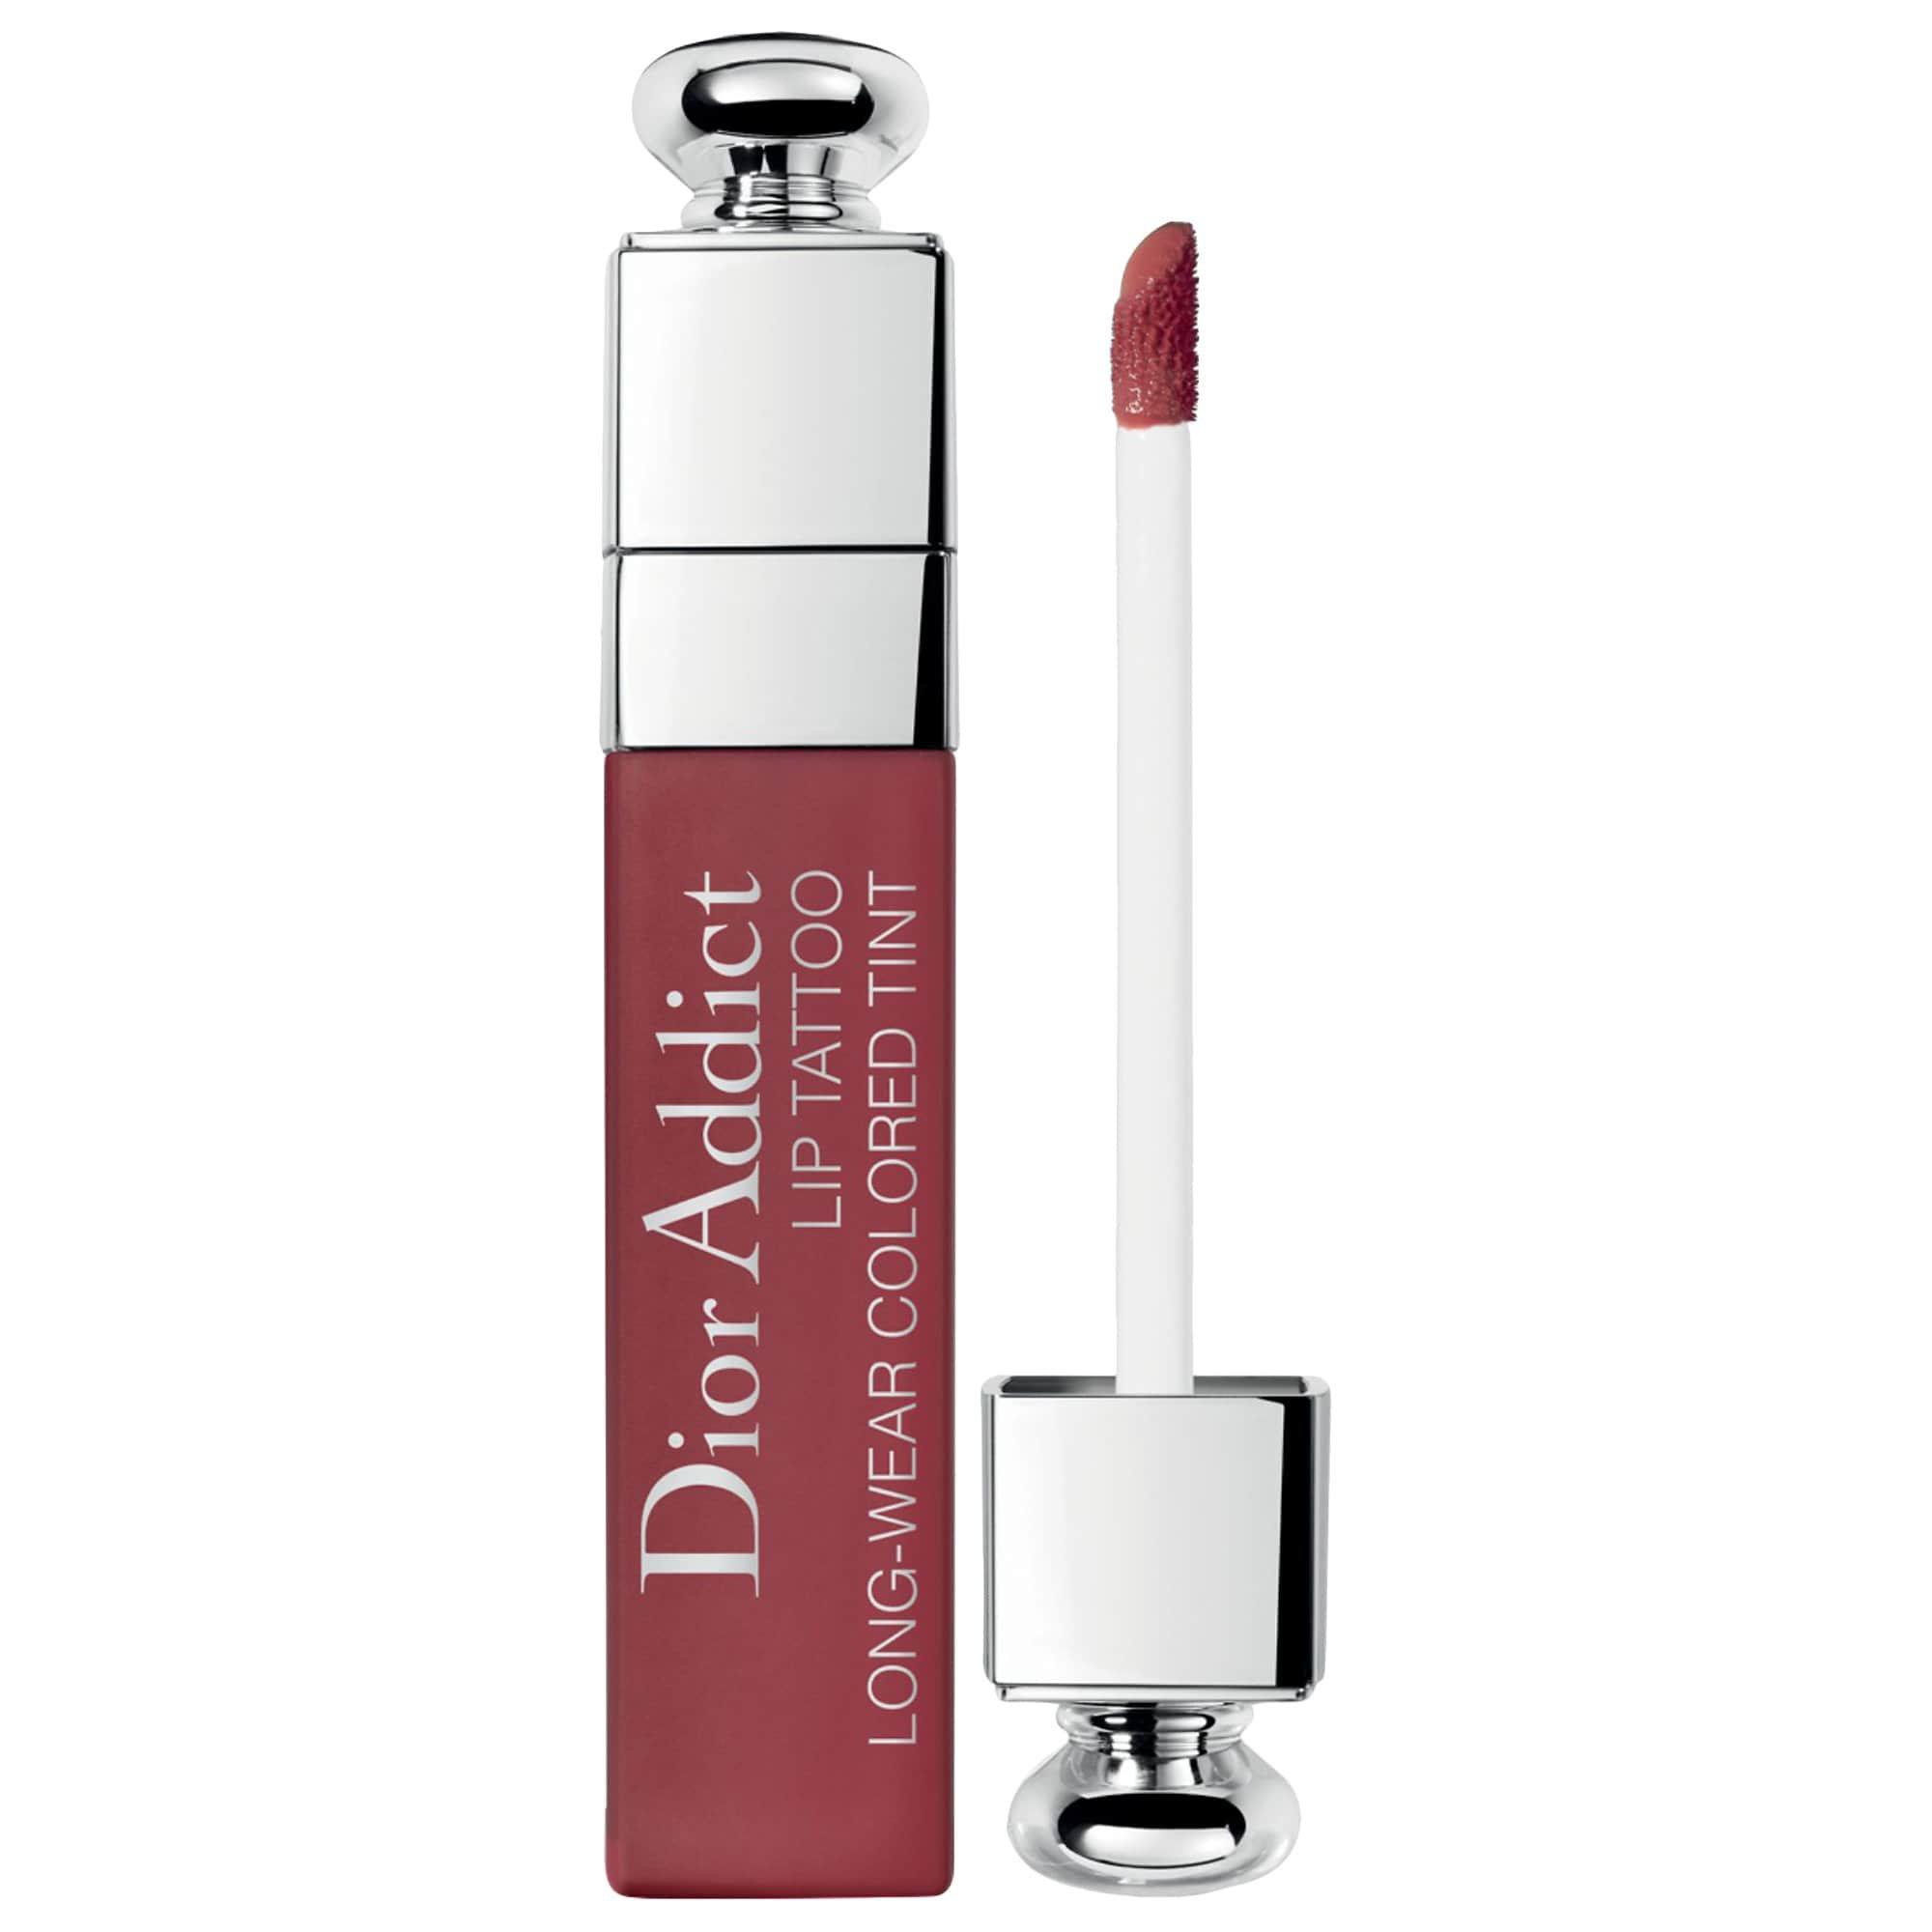 Dior Addict Lip Tattoo - Dior | Sephora